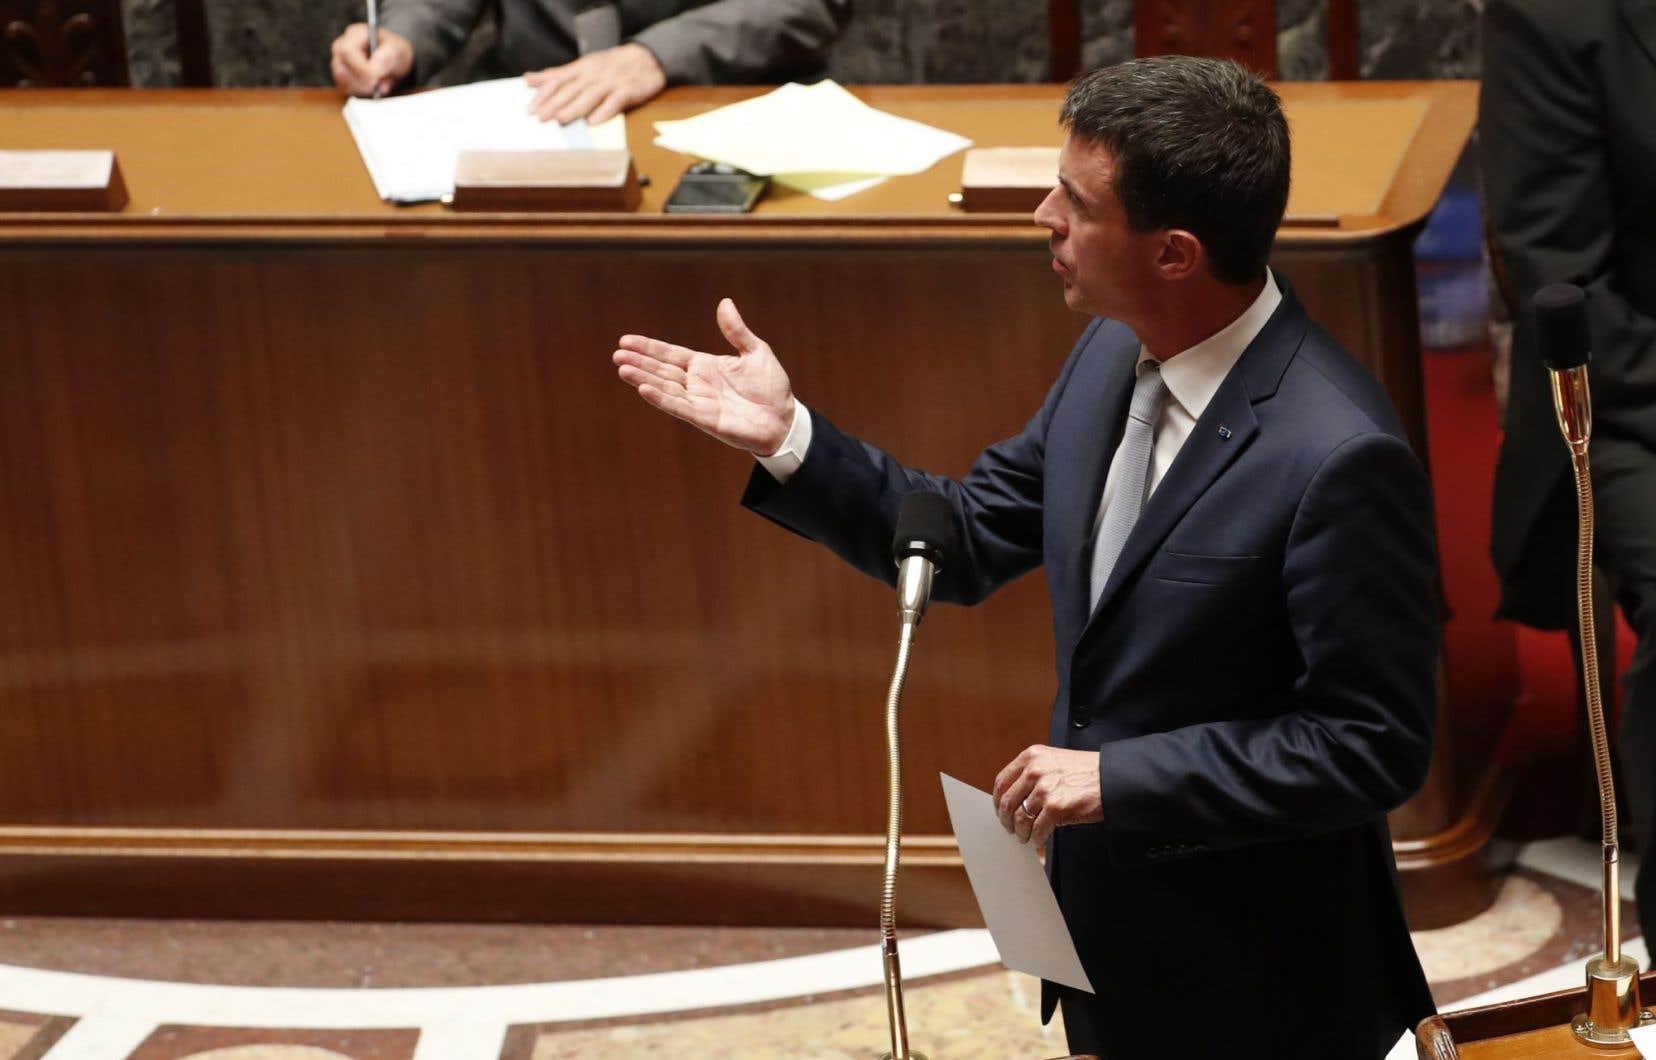 Le premier ministre socialiste, Manuel Valls